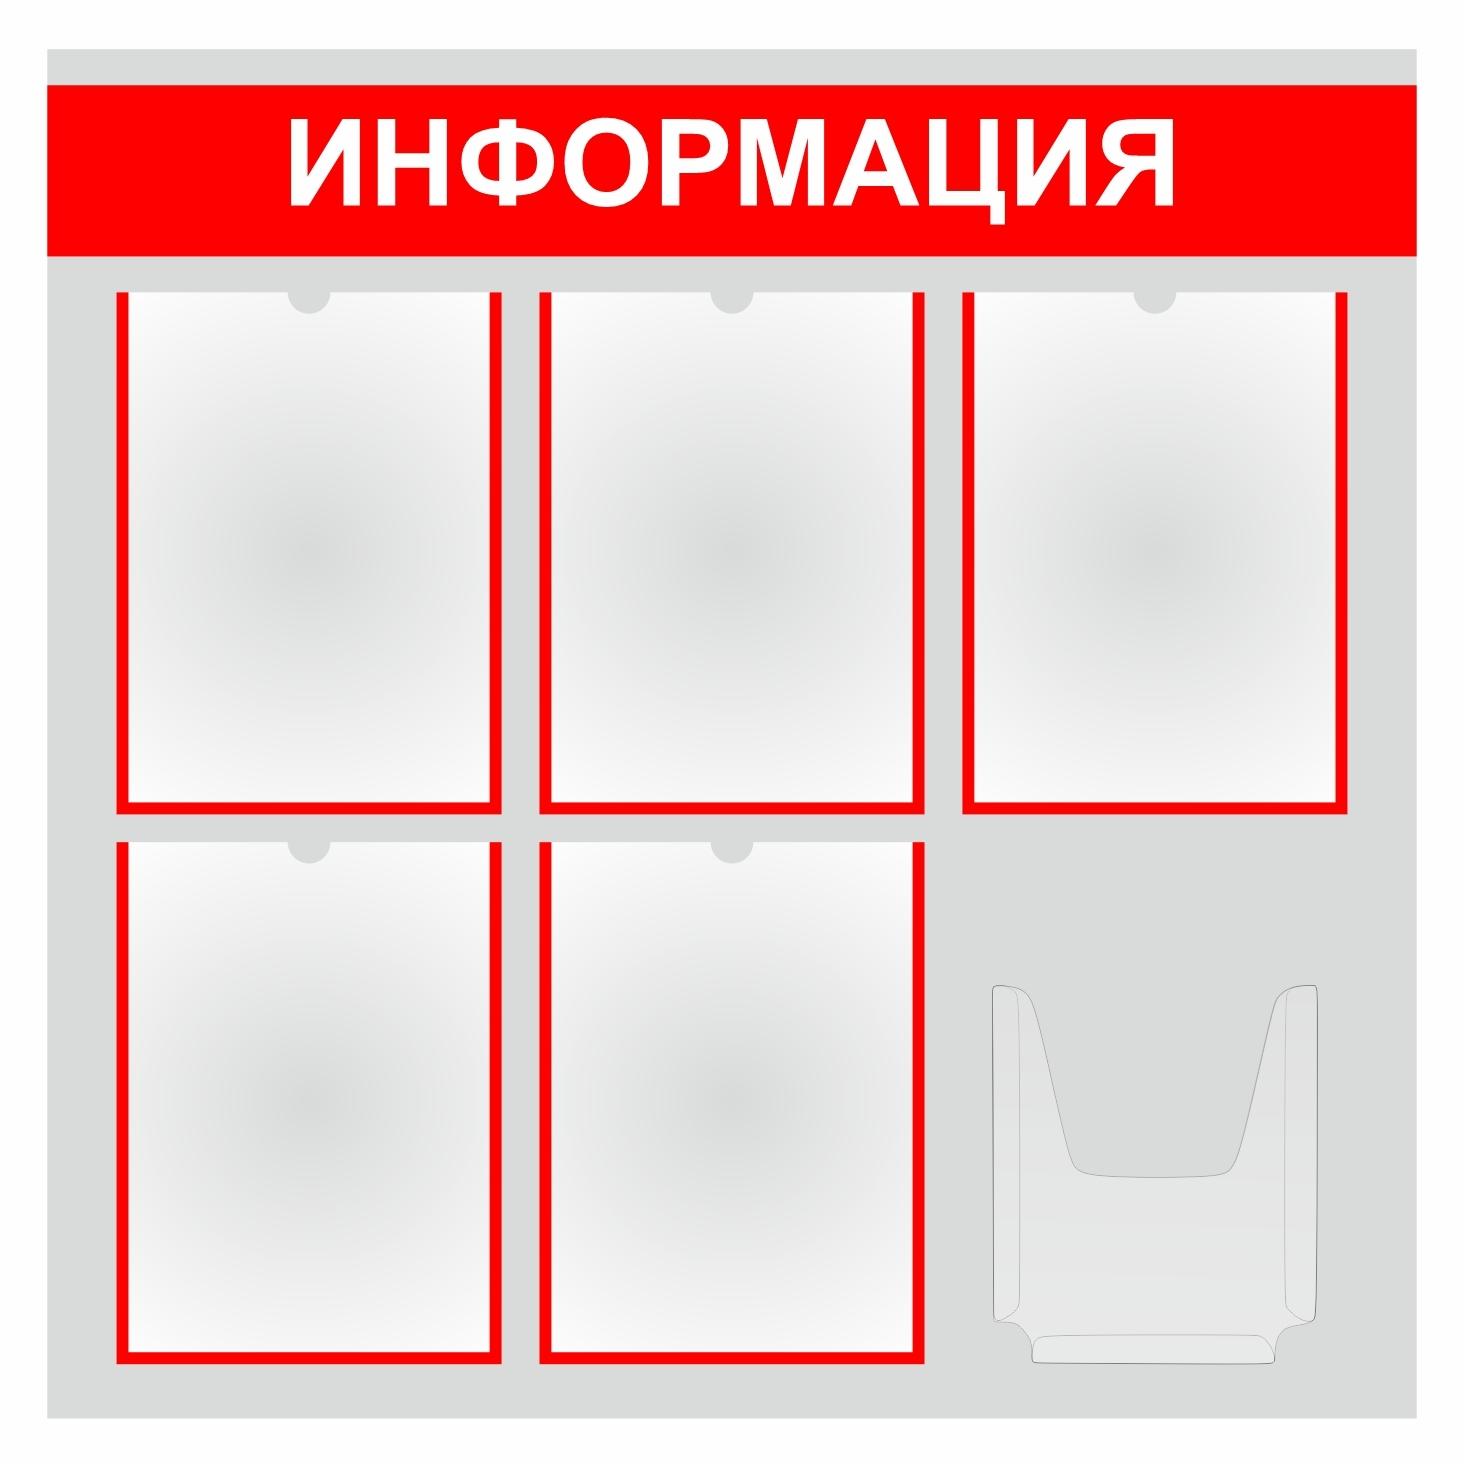 Информационный стенд 800х850мм из ПВХ 3мм на 5 плоских и 1 объемный карман